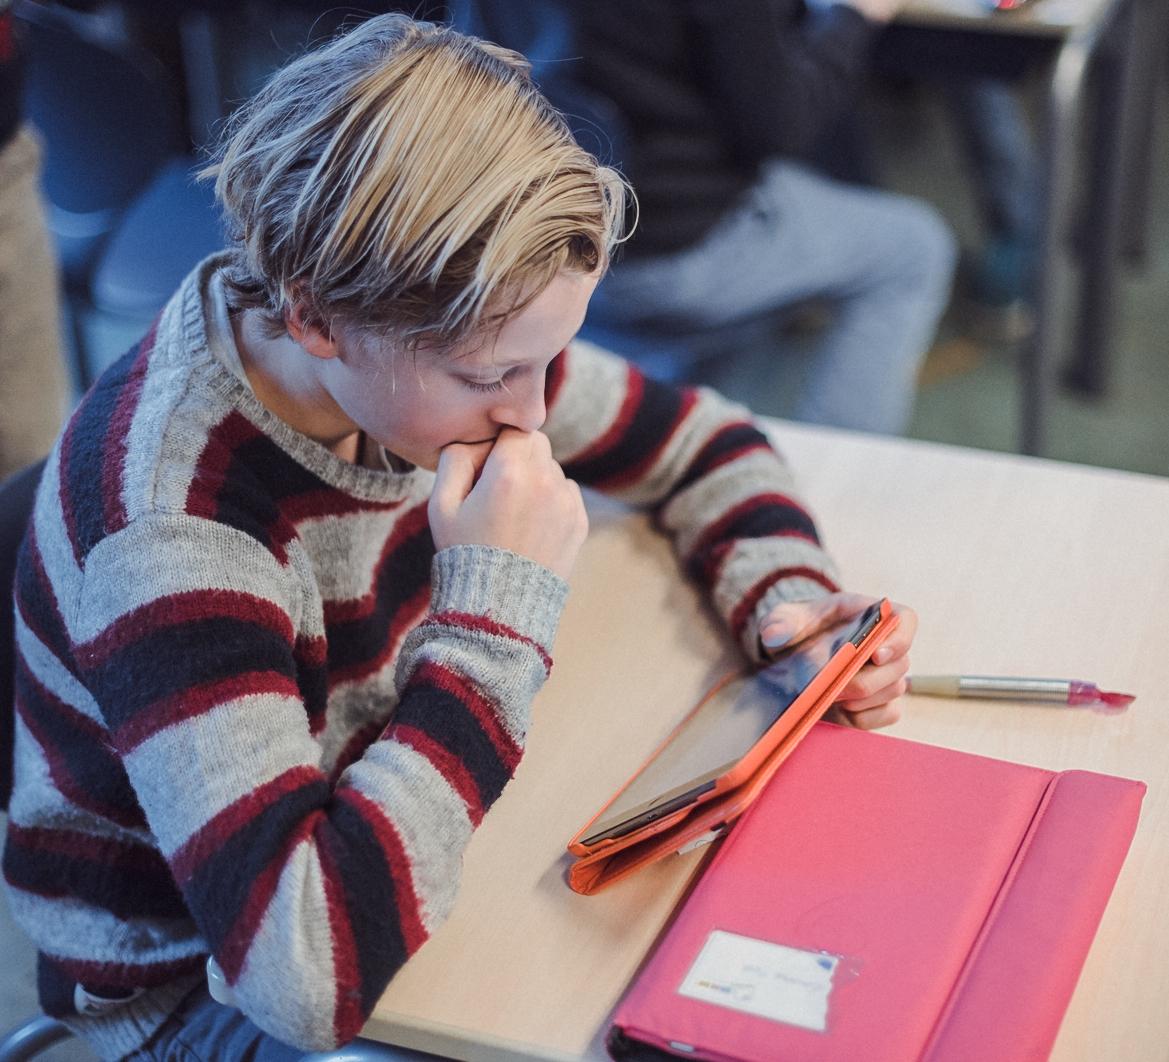 EigenwijzR is een meetinstrument voor sociale veiligheid in de klas en voldoet aan de Wet sociale veiligheid